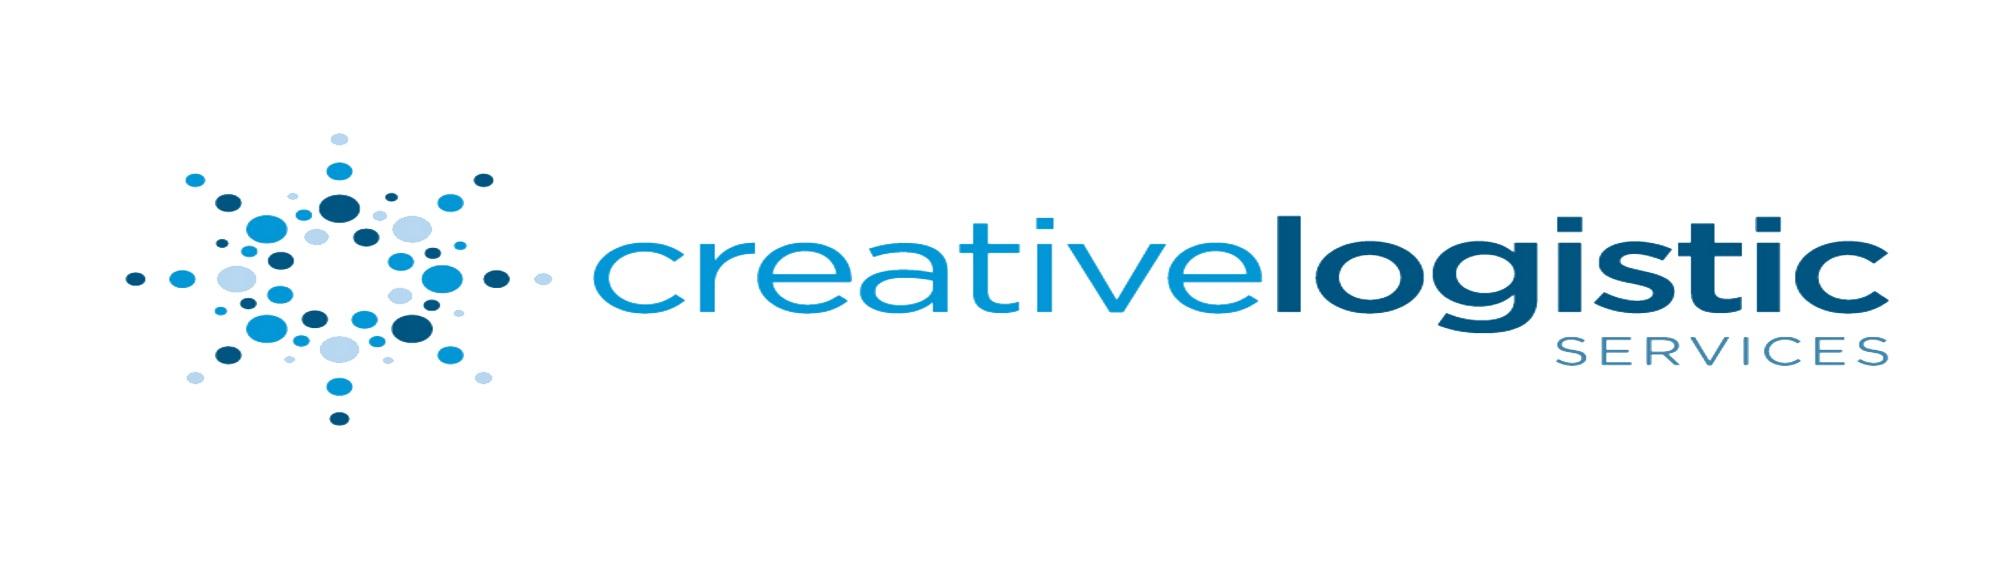 Creative Logistic (Original)( 1)(JPG) - (JPG) - Copy.jpg